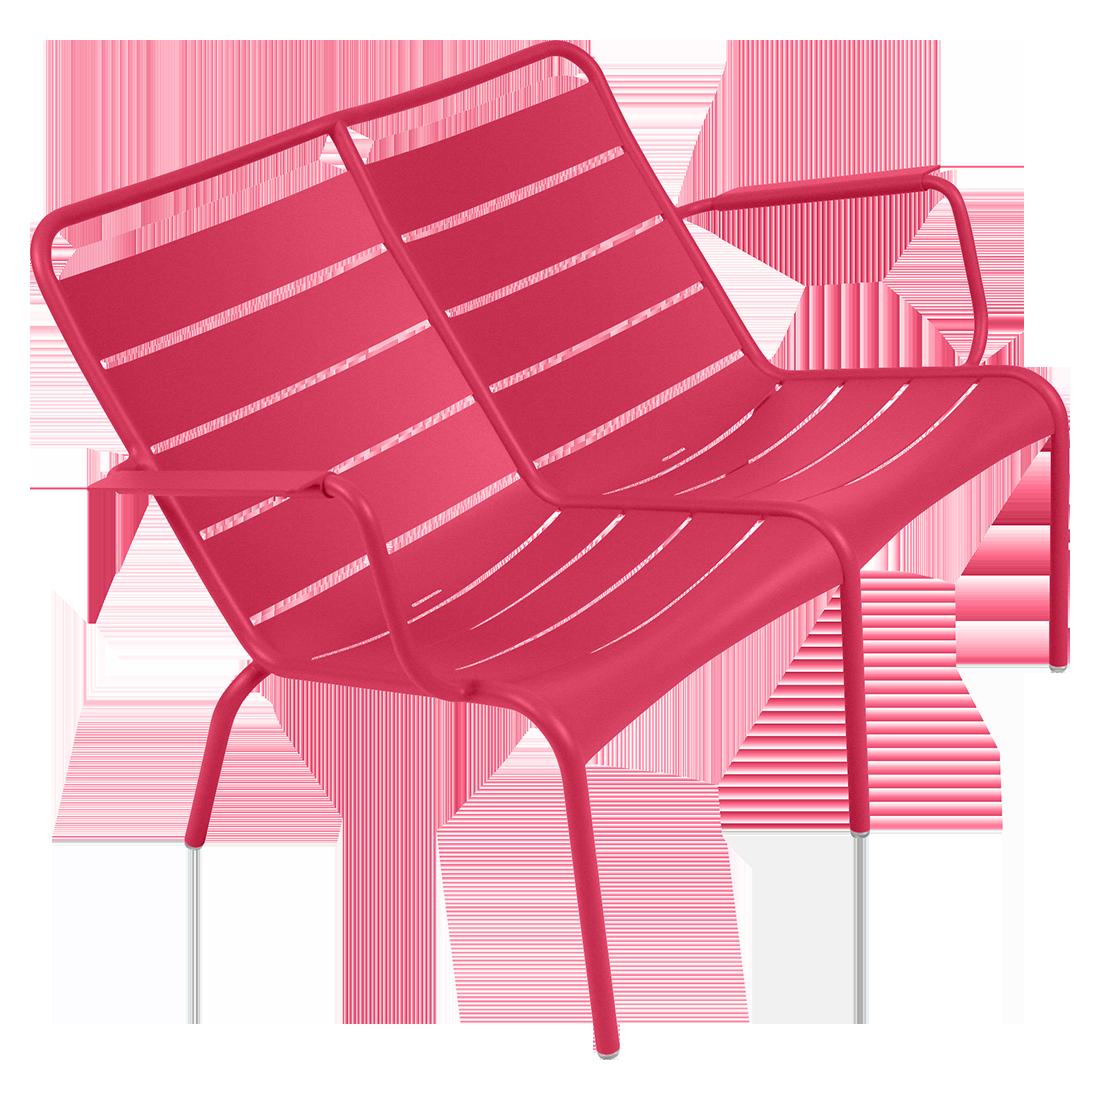 fauteuil de jardin, fauteuil metal, salon de jardin, fauteuil luxembourg, fauteuil fermob, fauteuil rose